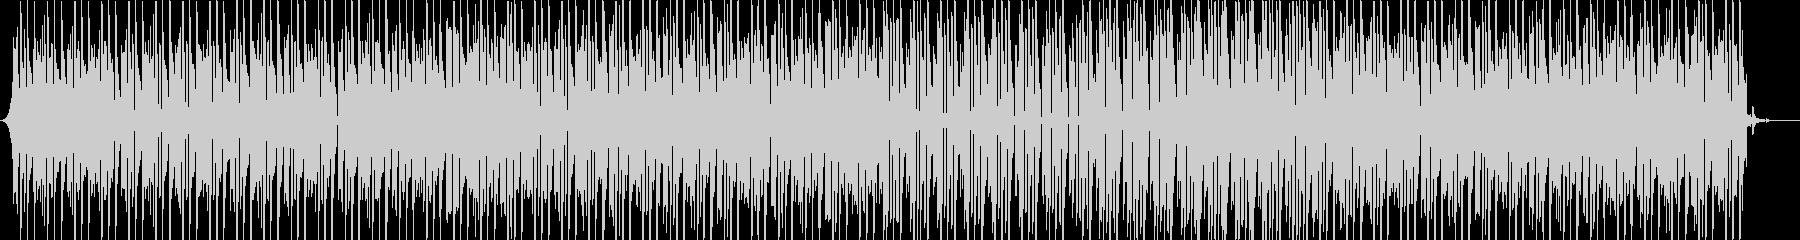 アパレル系映像向けスローアシッドハウスの未再生の波形